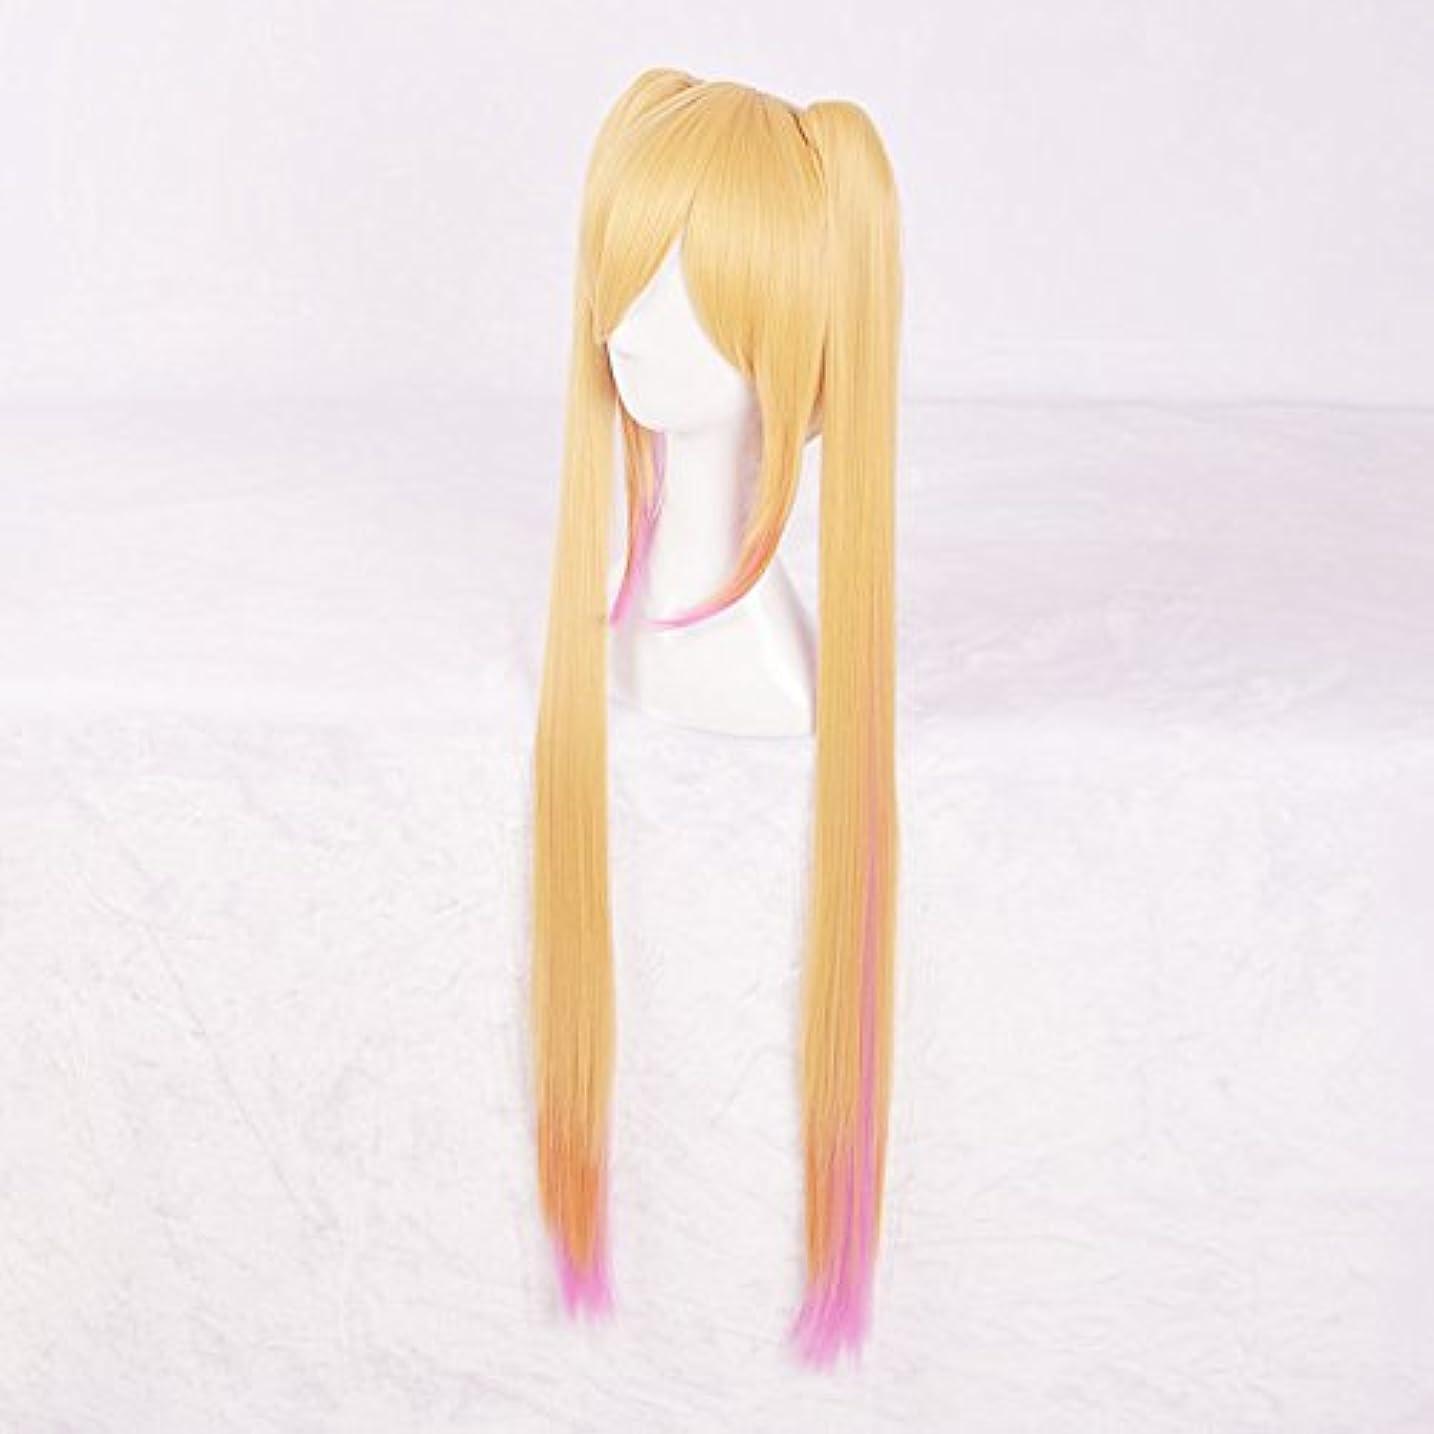 圧力シニス再現するBOBIDYEE トリコロールグラデーションコスプレトールかつらダブルポニーテール短髪小林のドラゴンメイド合成髪レースかつらロールプレイングかつら (色 : Tri-color gradient)